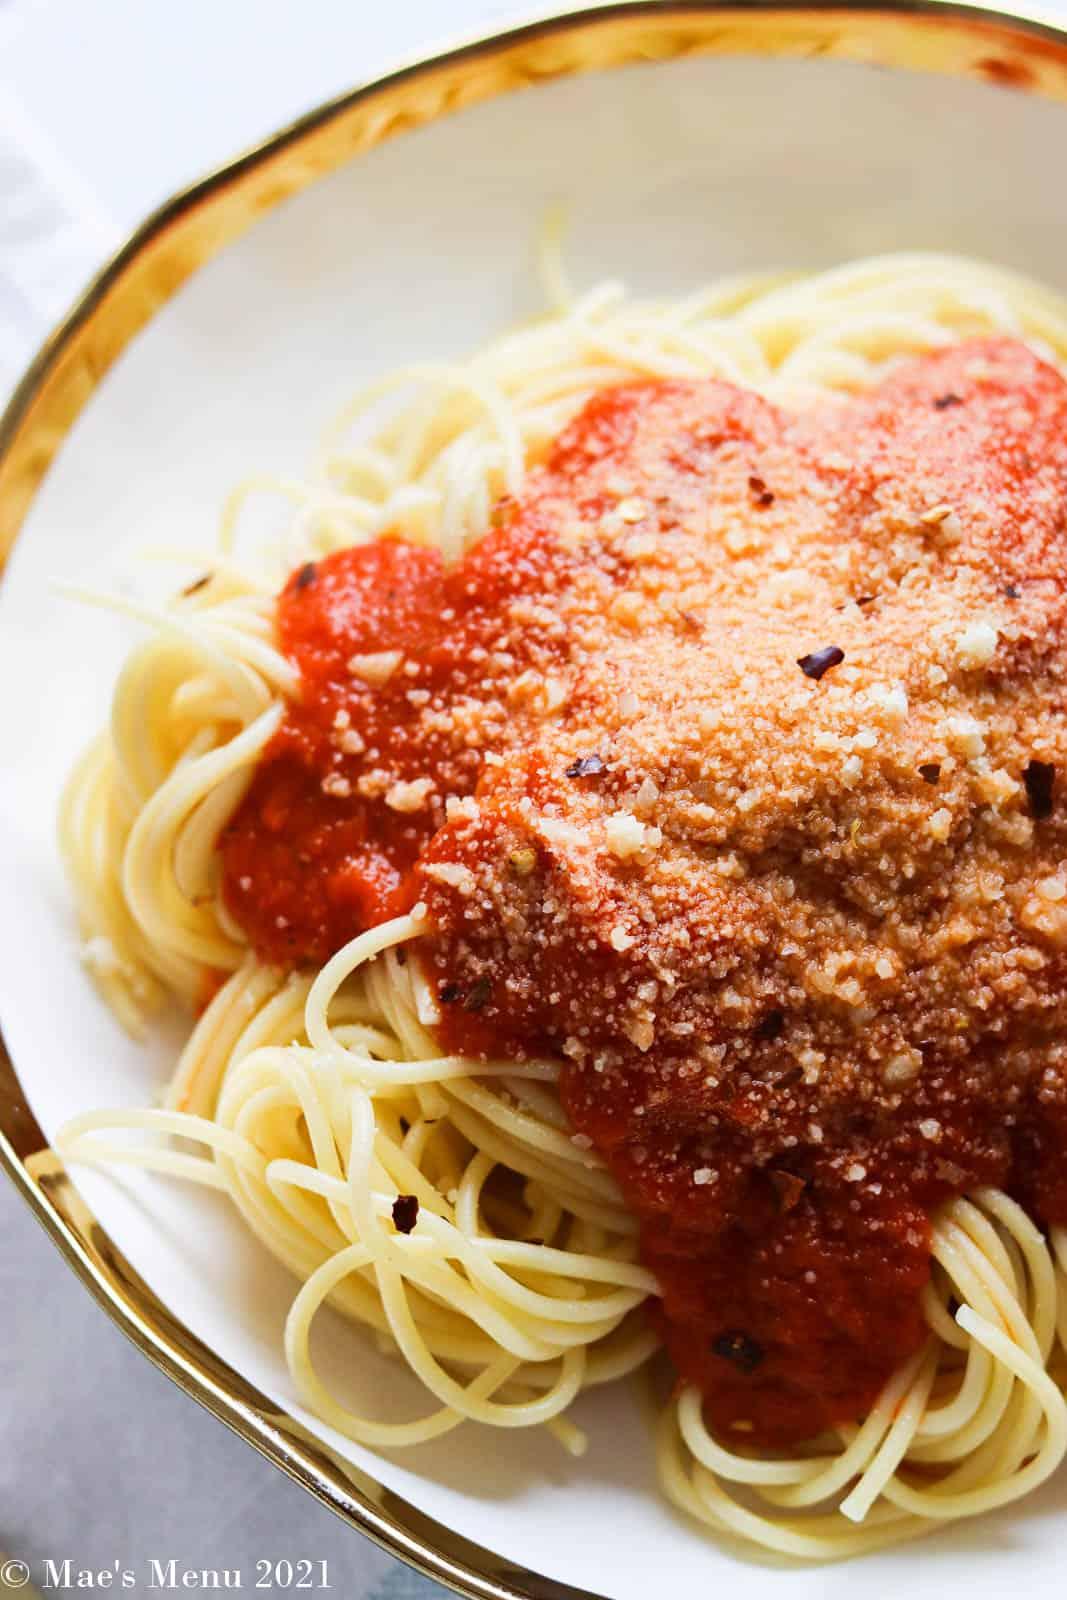 An up-close overhead shot of a dish of pasta with marinara sauce